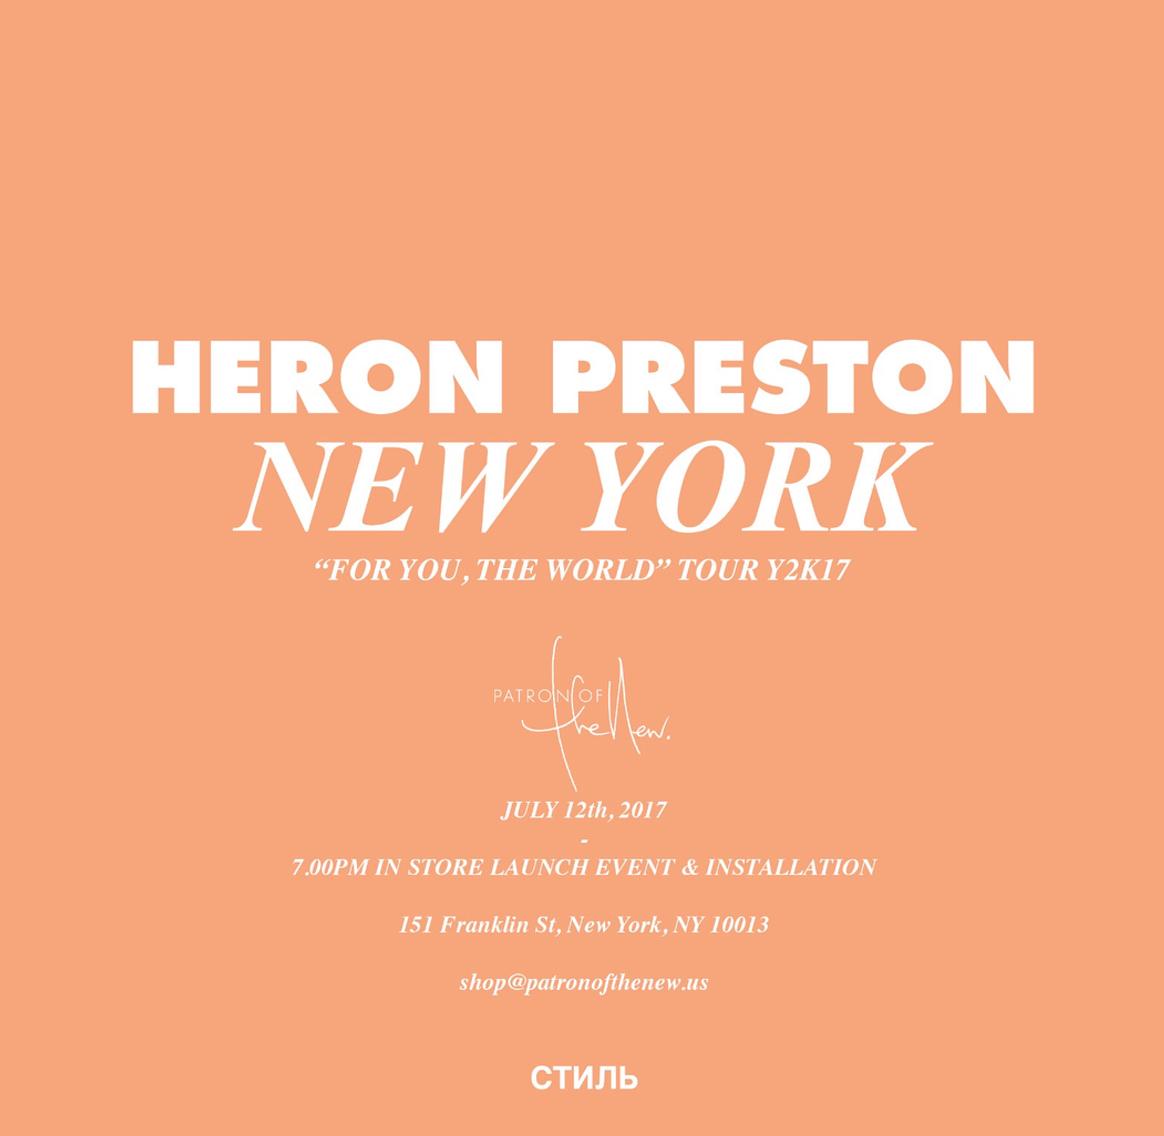 Heron Preston announces NYC pop-up shop